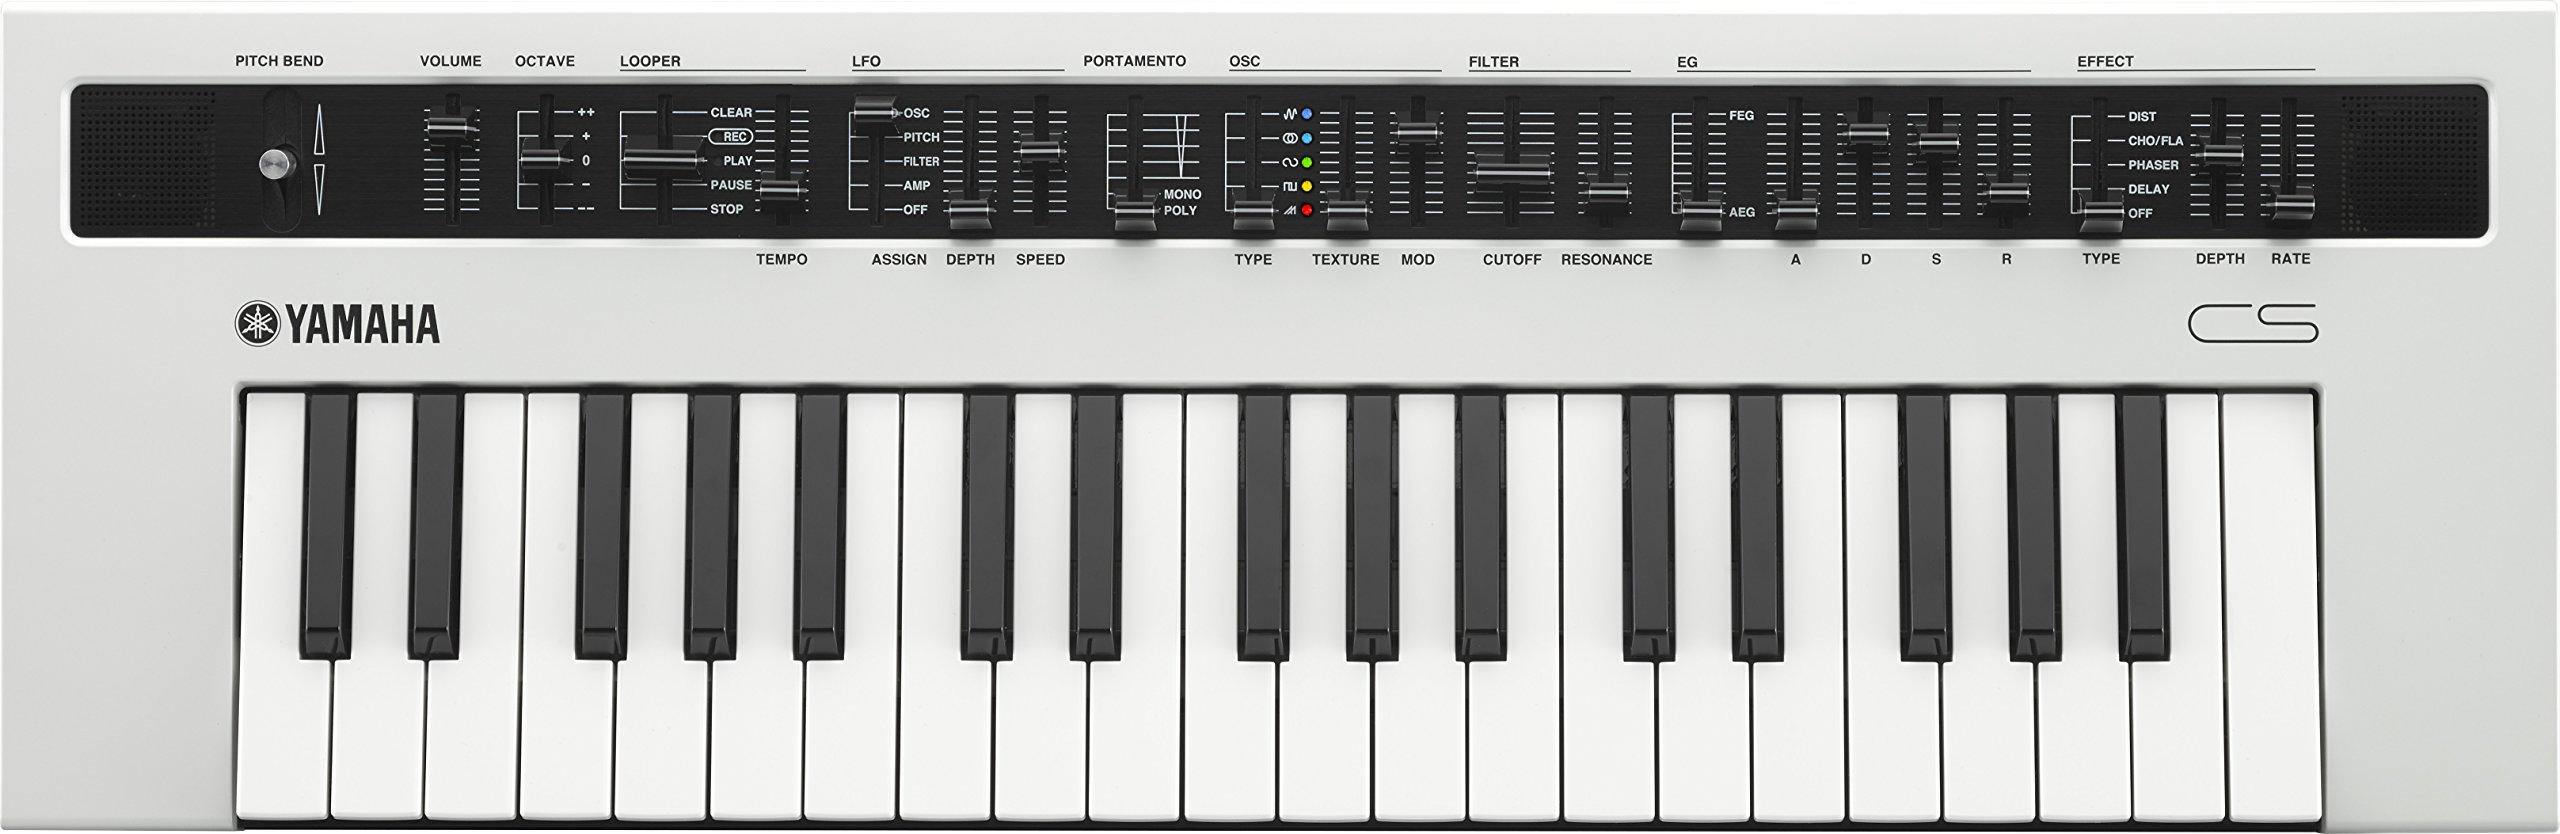 Yamaha REFACE CS Portable Analog Modeling Synthesizer by YAMAHA